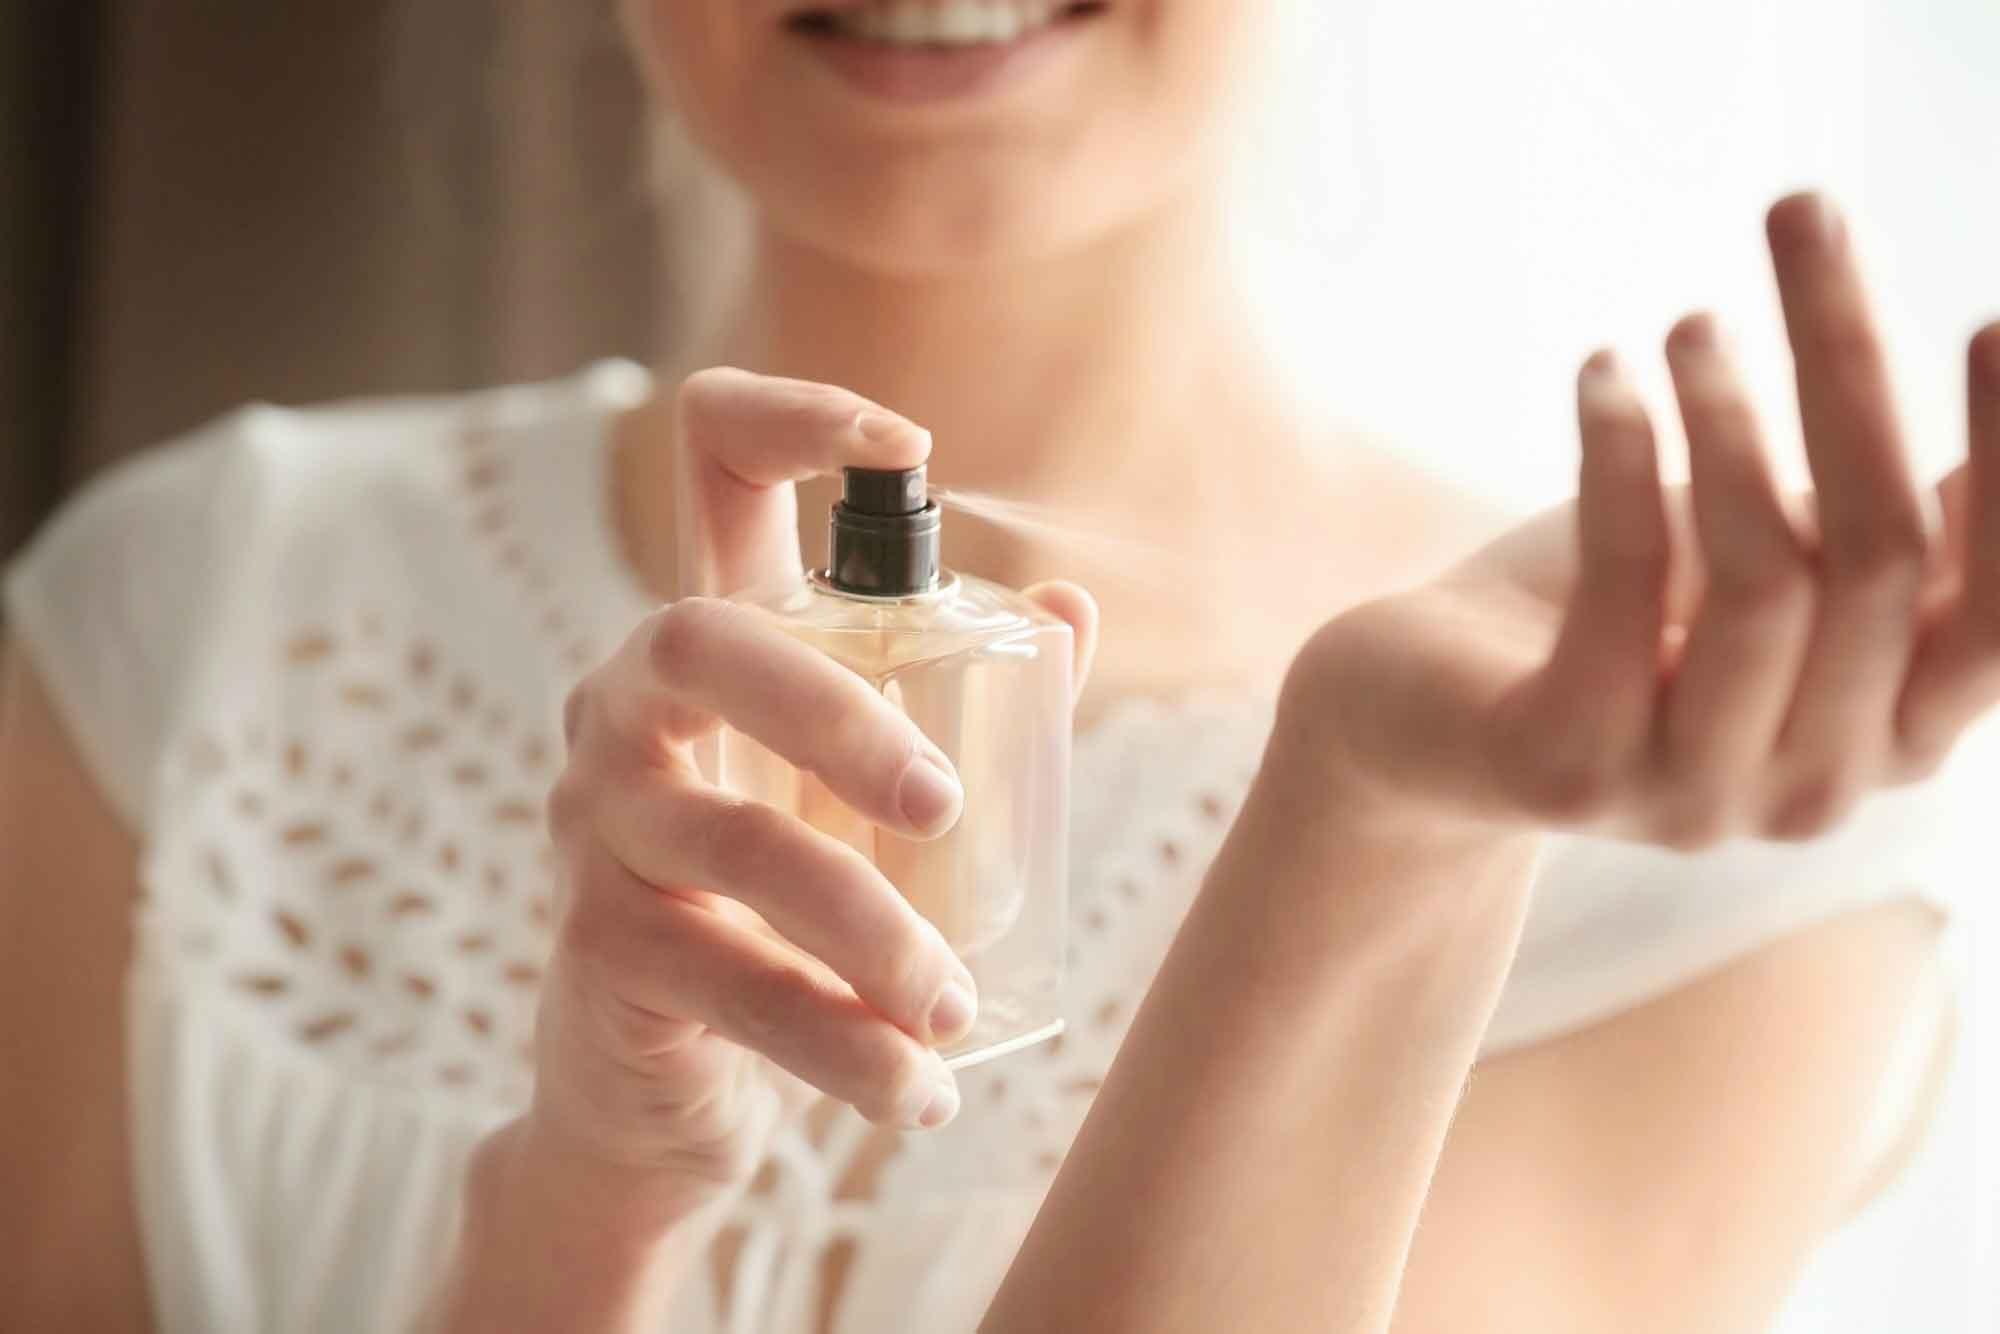 dogru_parfumu_secerken_dikkat_etmeniz_gerekenler.jpg